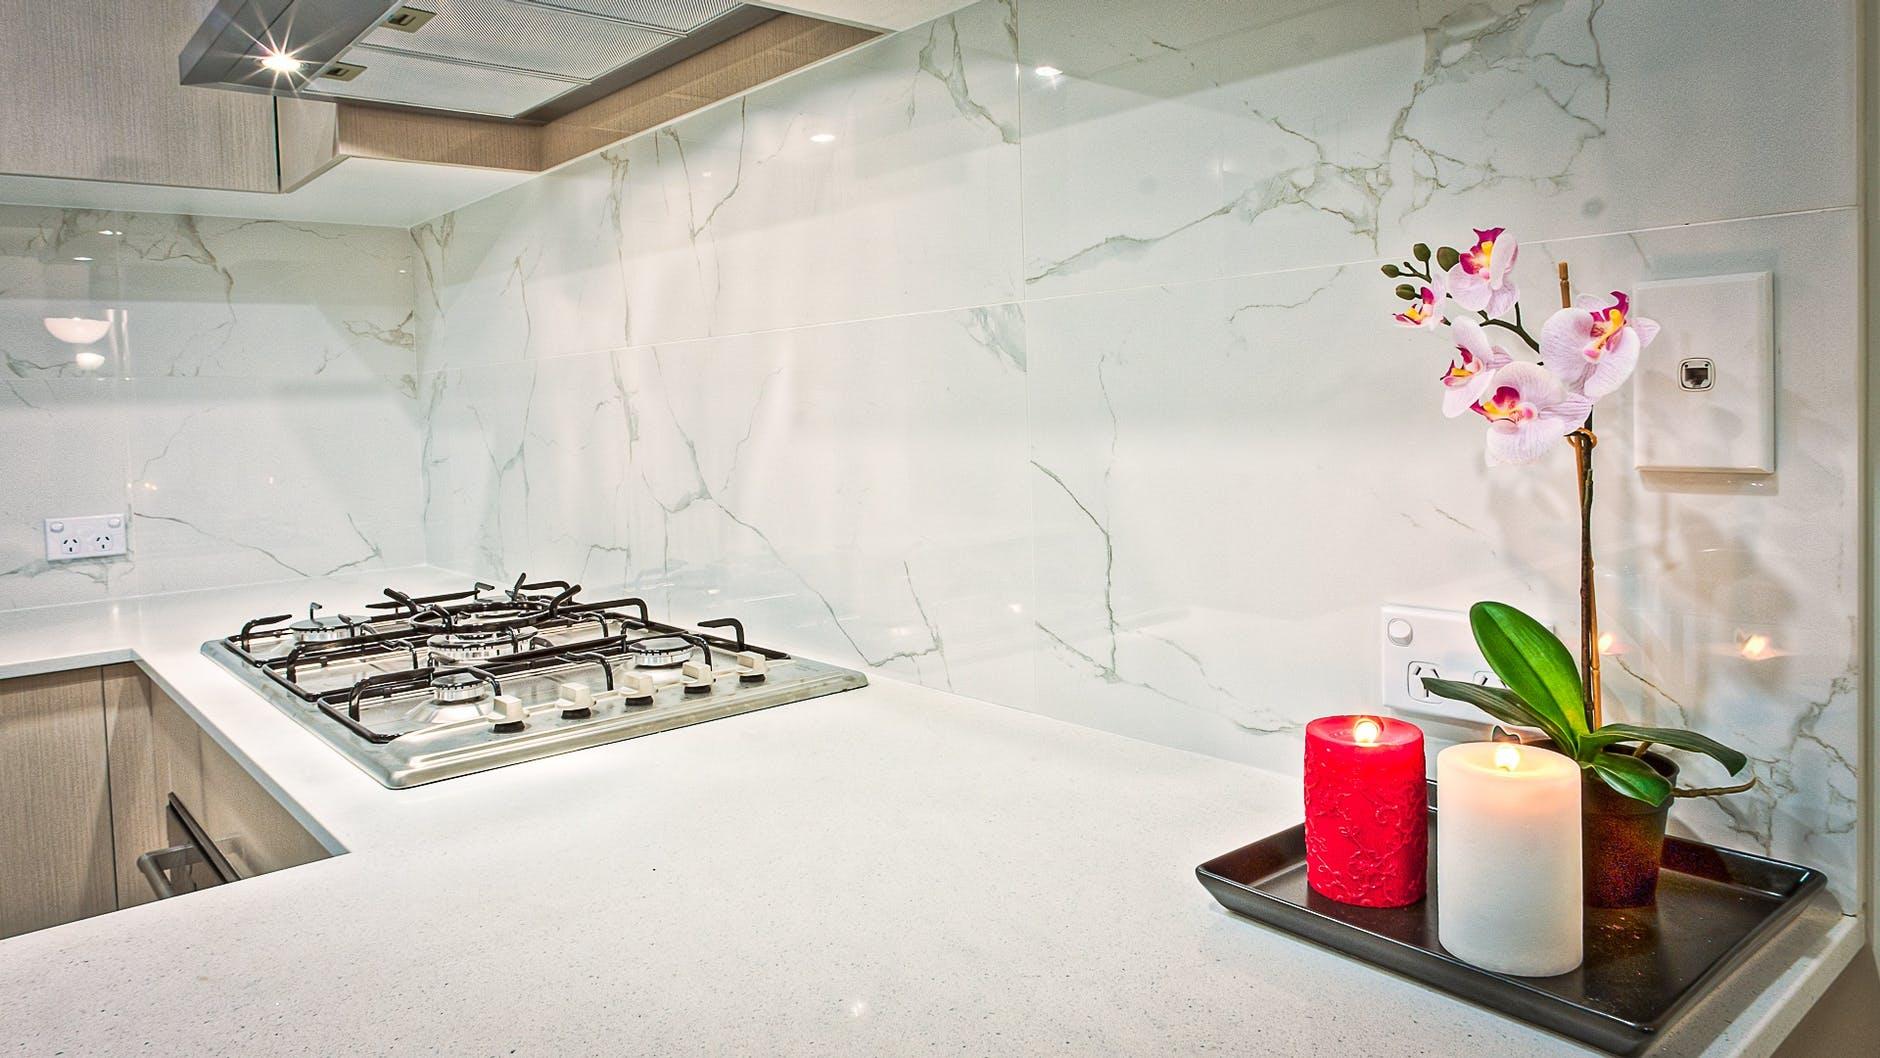 Skal du renovere køkkenet selv? Disse ting skal du bruge